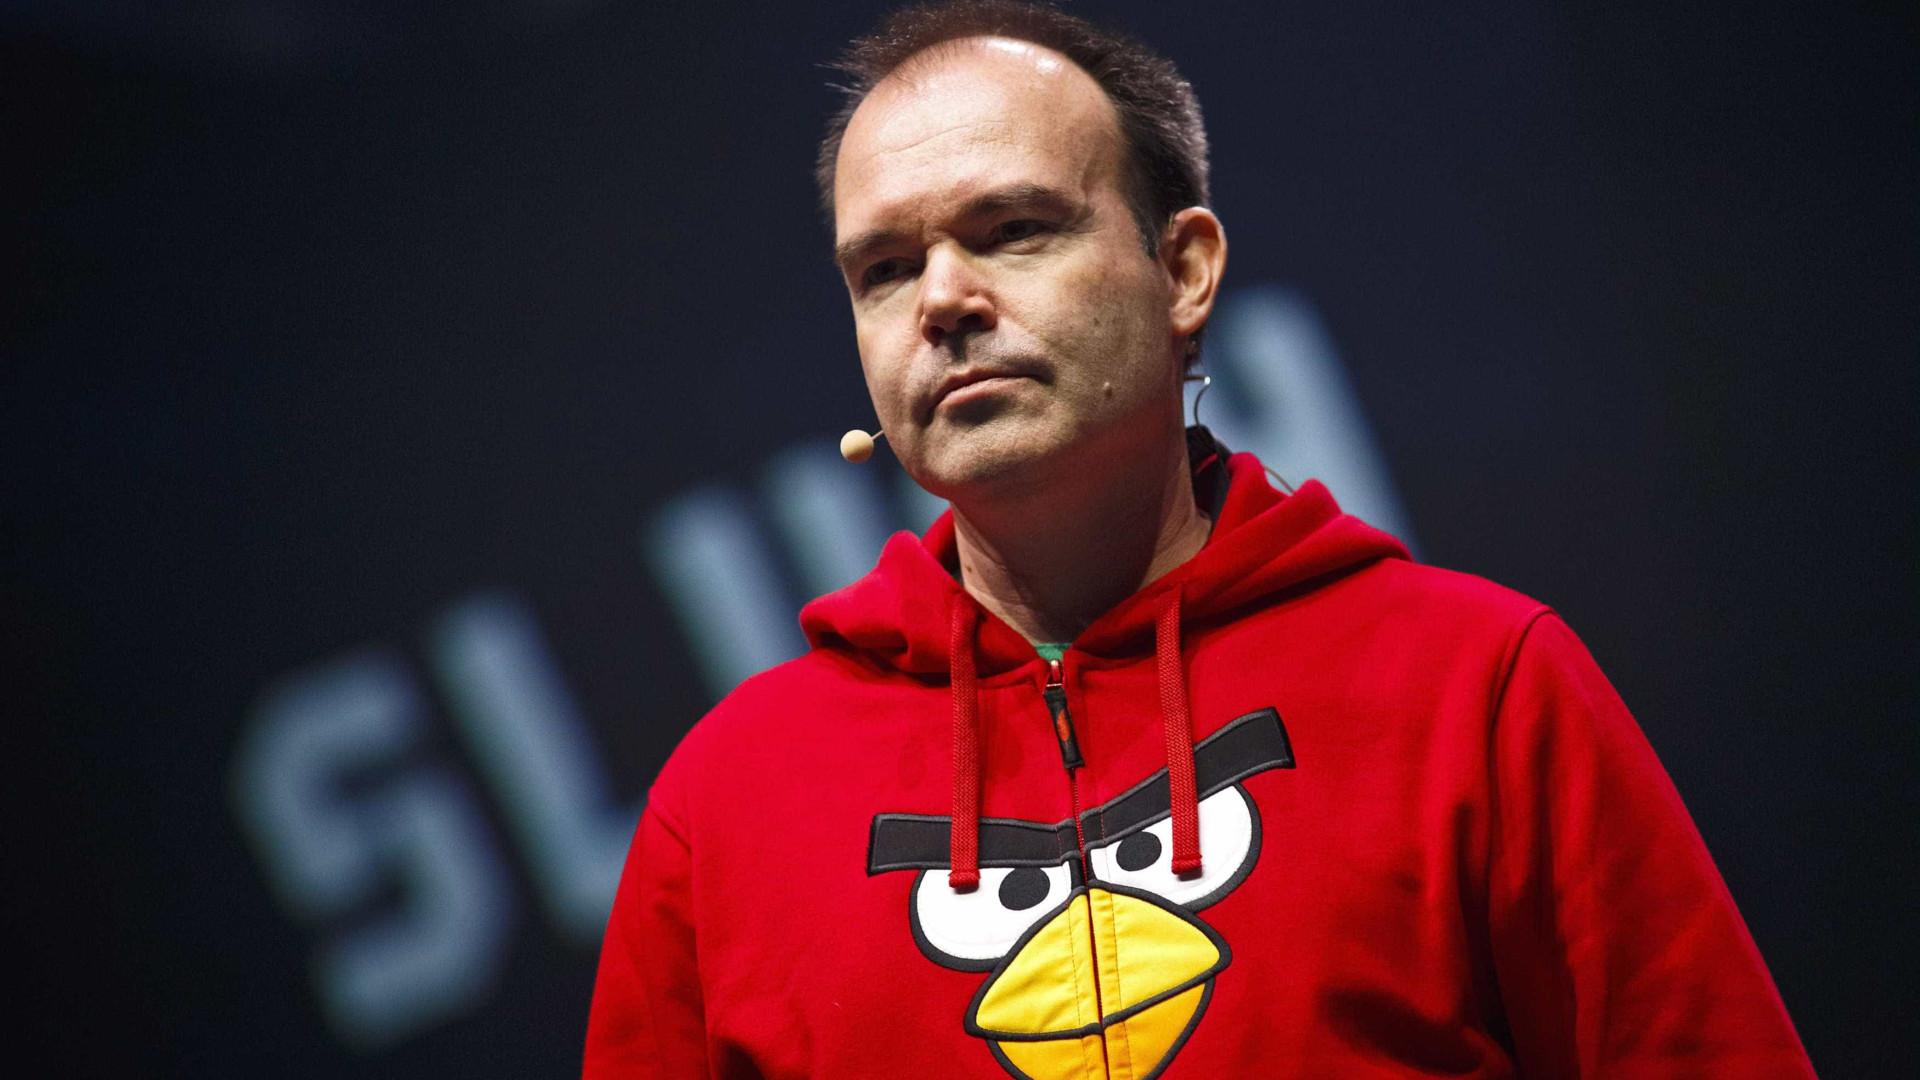 Angry Birds: Investidores furiosos com resultados abaixo do esperado